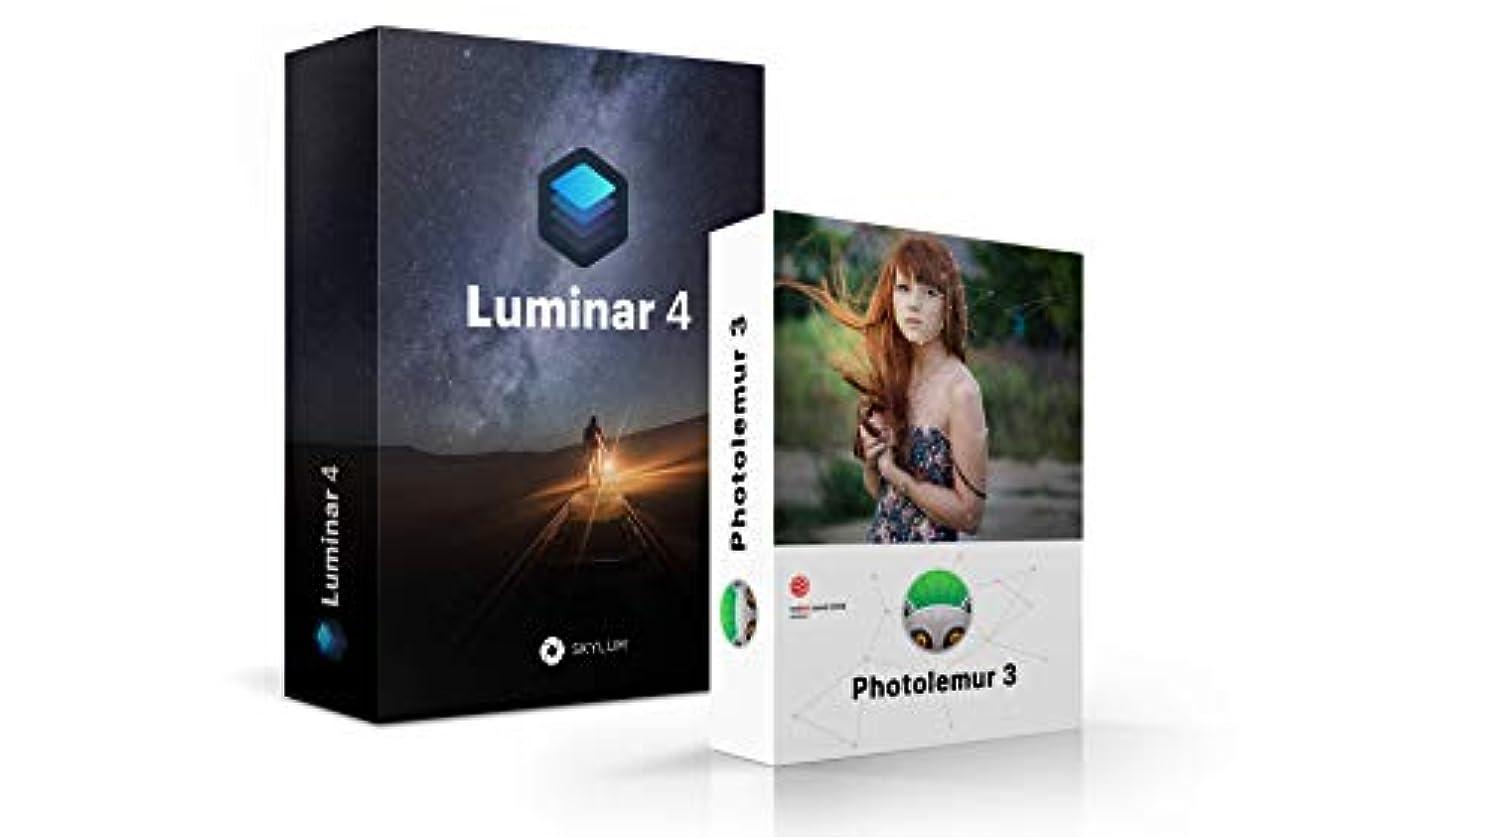 シャー土厳密にLuminar 4早期申込 + Photolemur  | Skylum Software社製 MacまたはWindows用|ダウンロード版